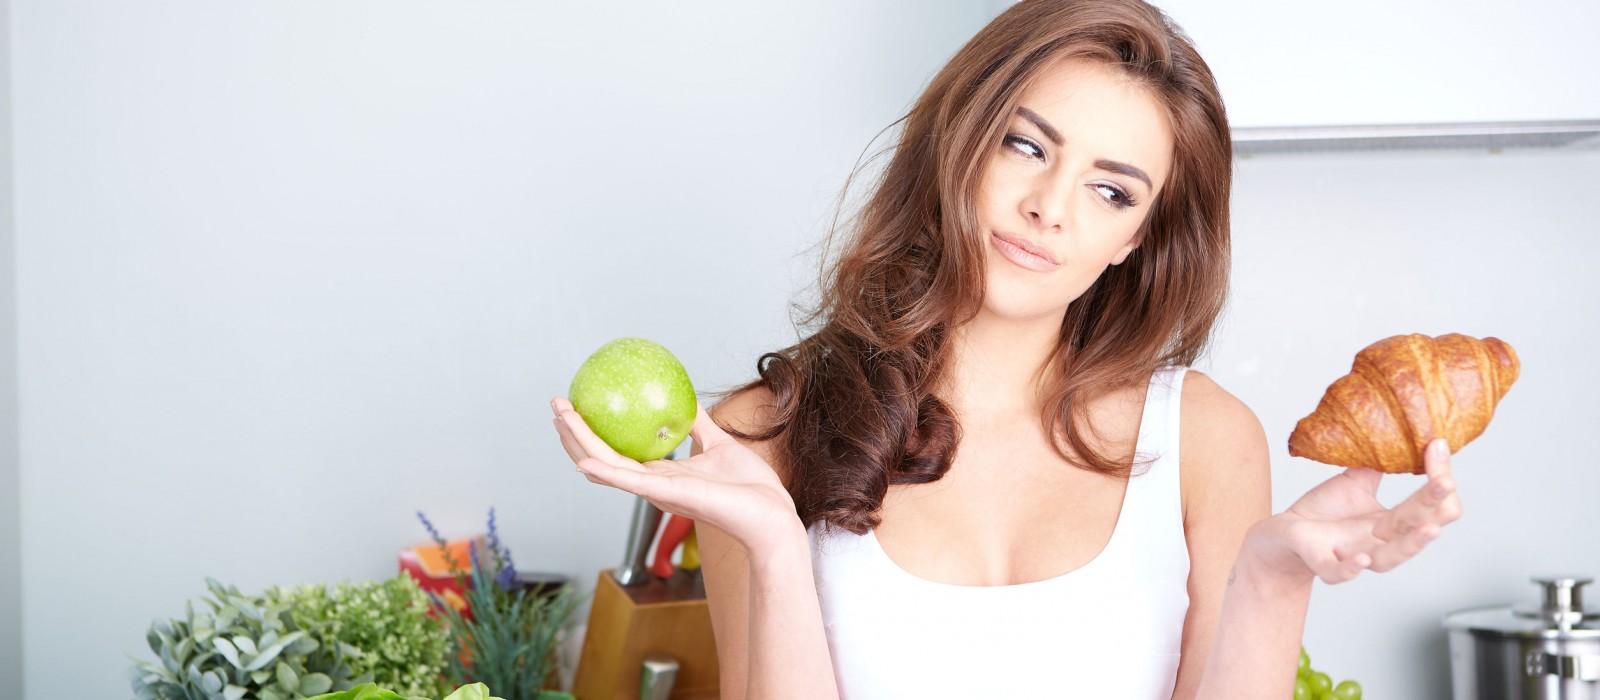 来年も美しく健康に!若返りホルモンをアップする食材まとめ